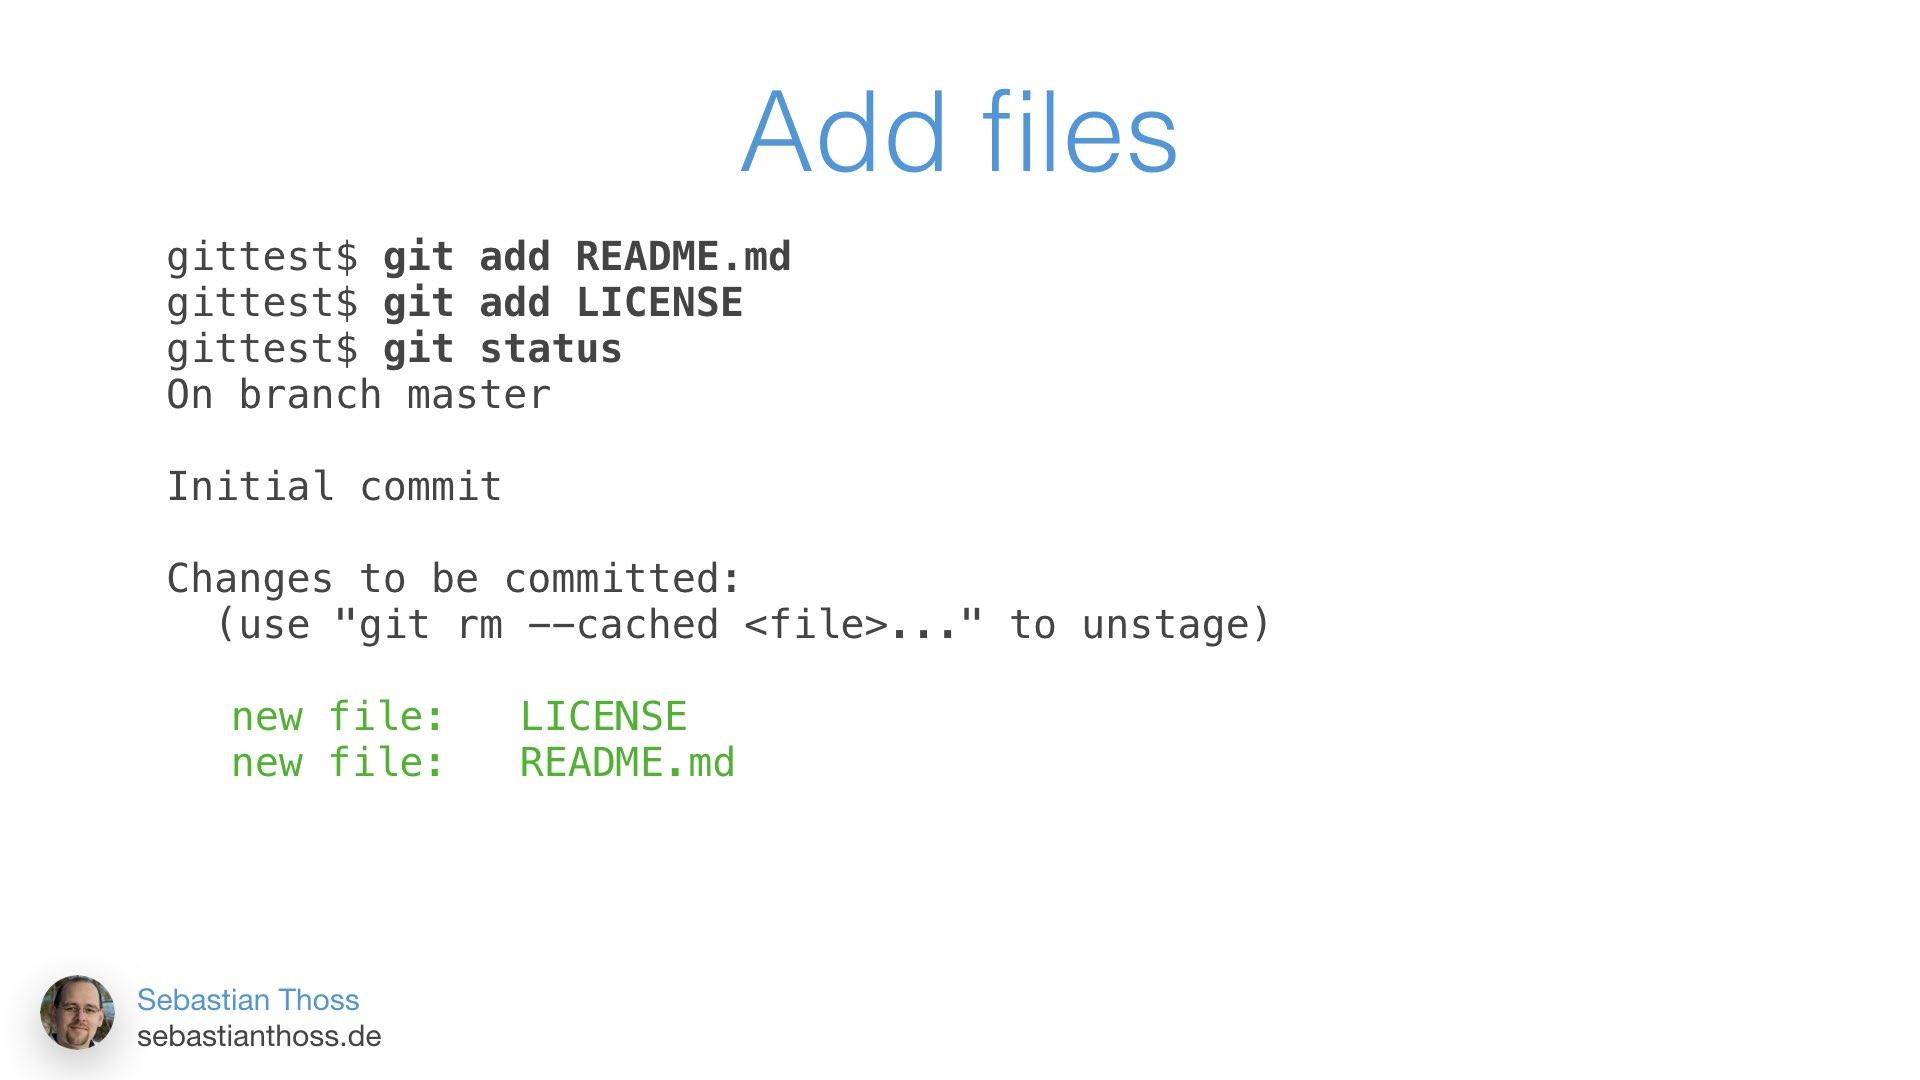 Mit dieser Folie zeigt Sebastian Thoß wie man Dateien zum Git Repository hinzufügt